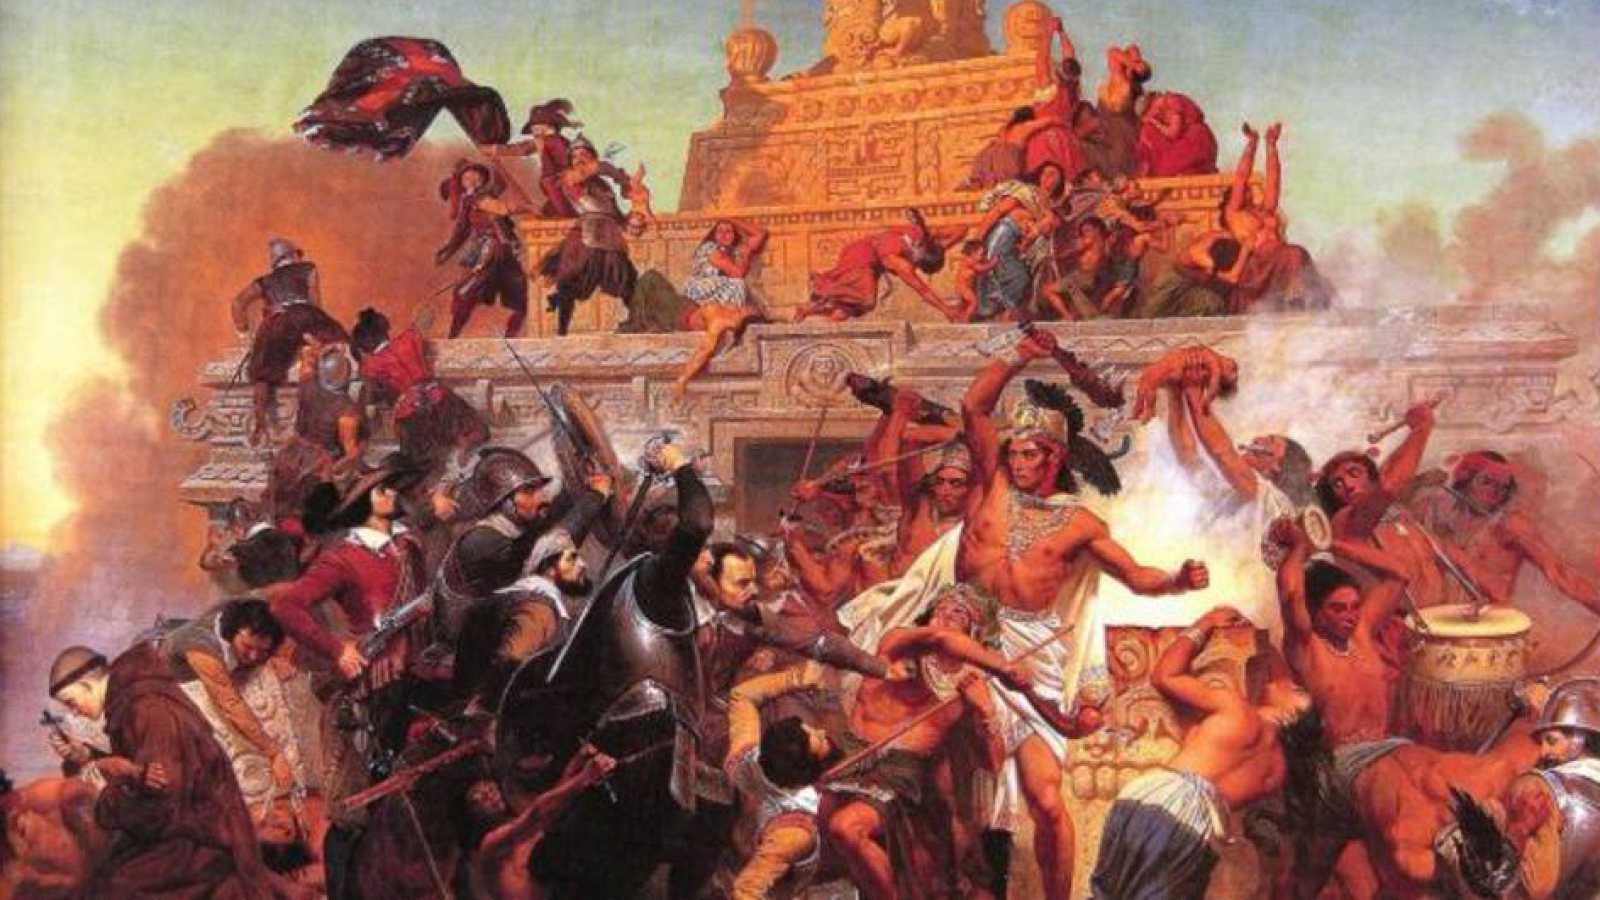 Hora América - Conquistadores y aztecas. Cortés y la conquista de México - 13/05/21 - escuchar ahora